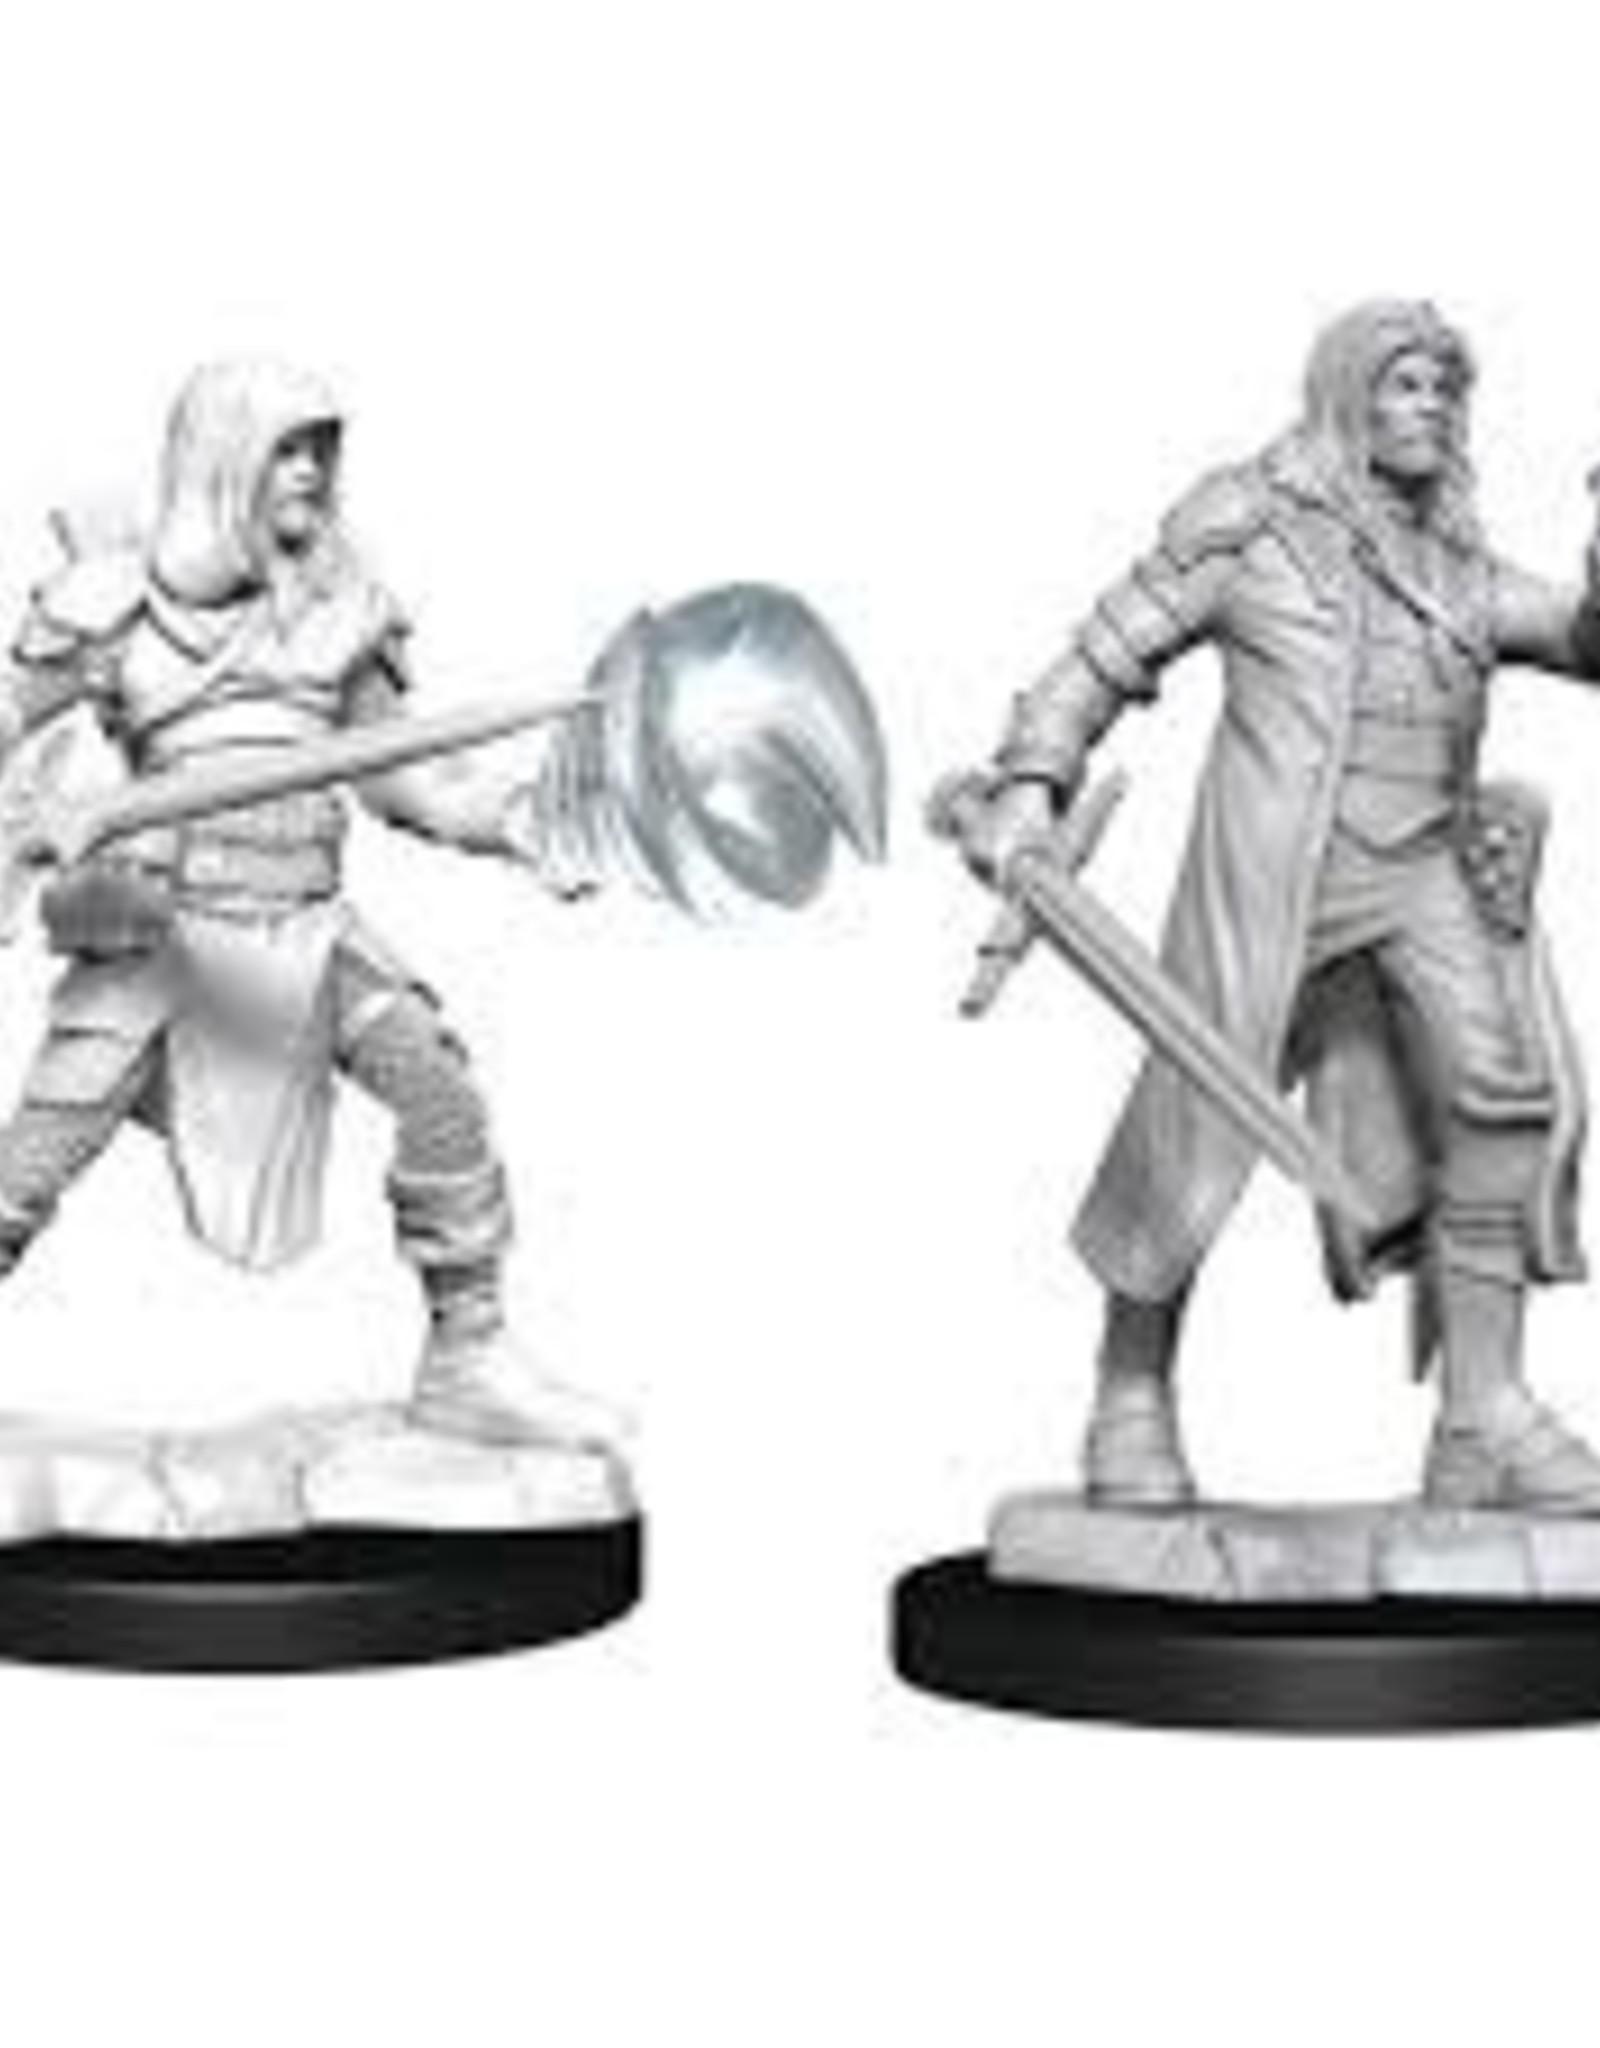 WizKids D&D Nolzur Multiclass Fighter/Wizard (He/Him/They/Them)